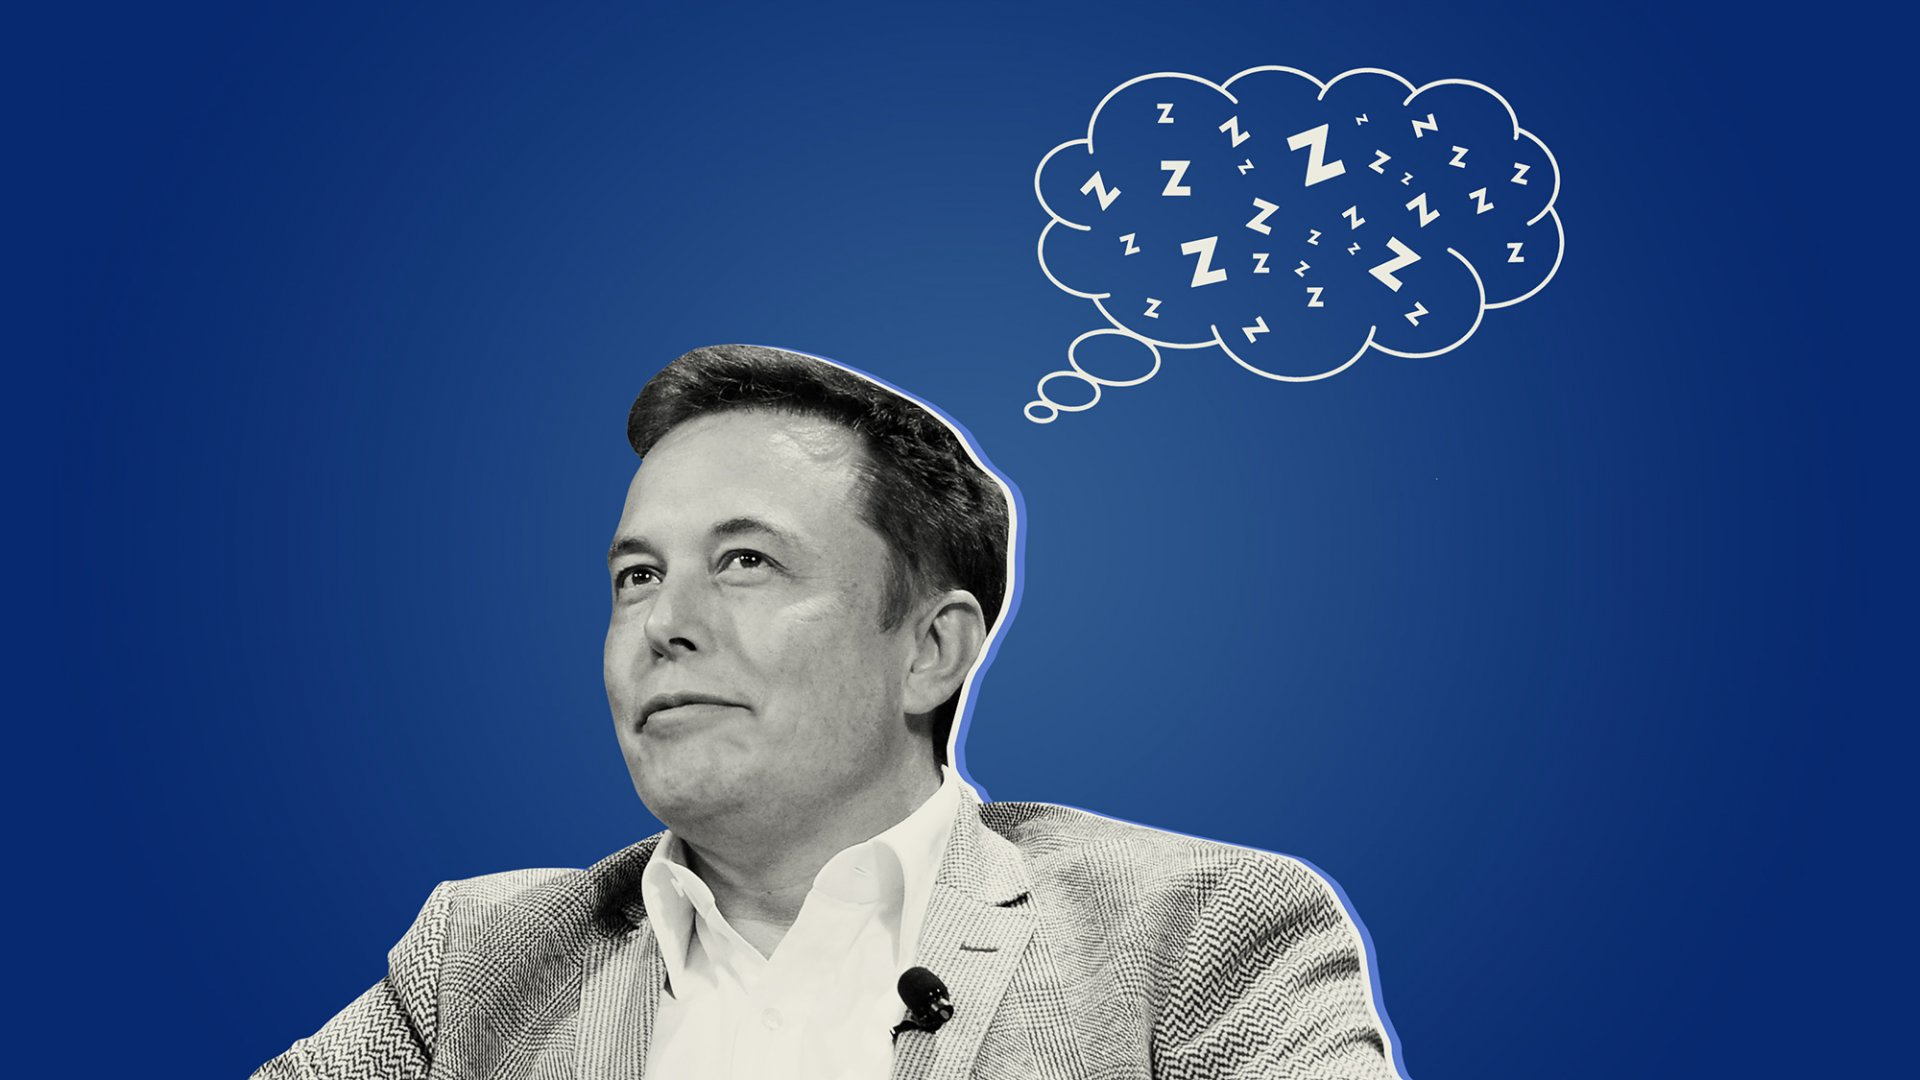 Elon Musk: Ngủ ít hơn 6 tiếng một ngày giảm hiệu năng làm việc - 1